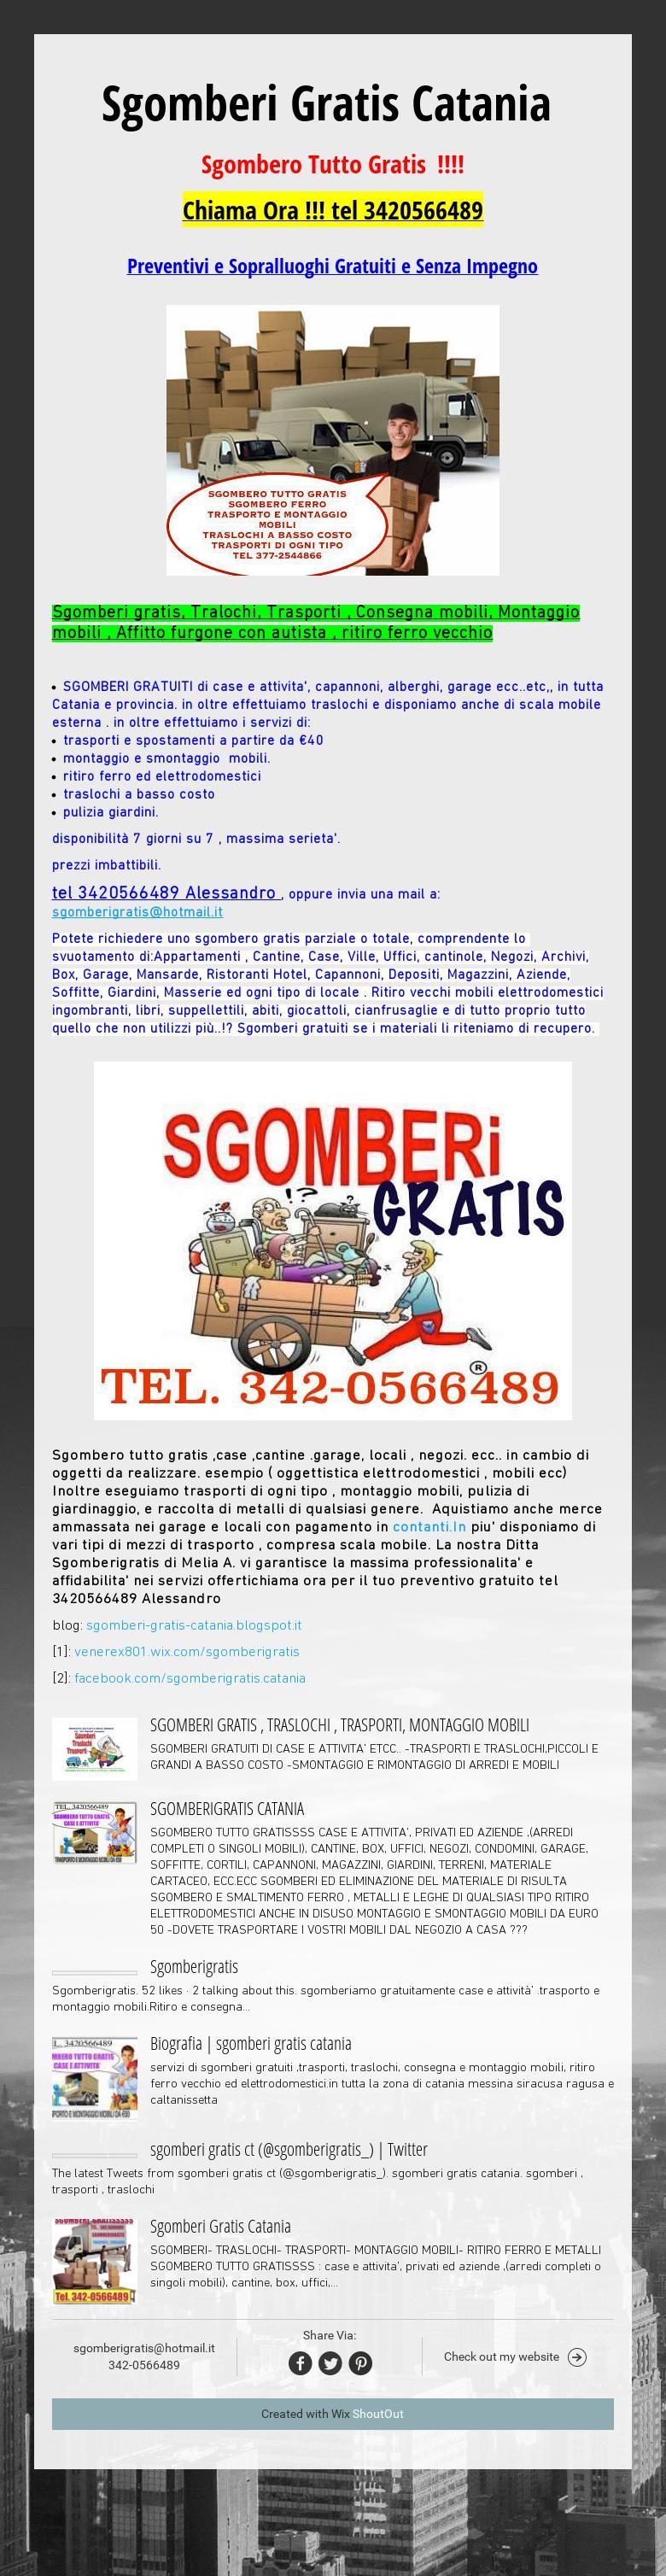 Raccolta Ferro Vecchio Catania sgomberi gratis catania sgombero tutto gratis !!!! chiama